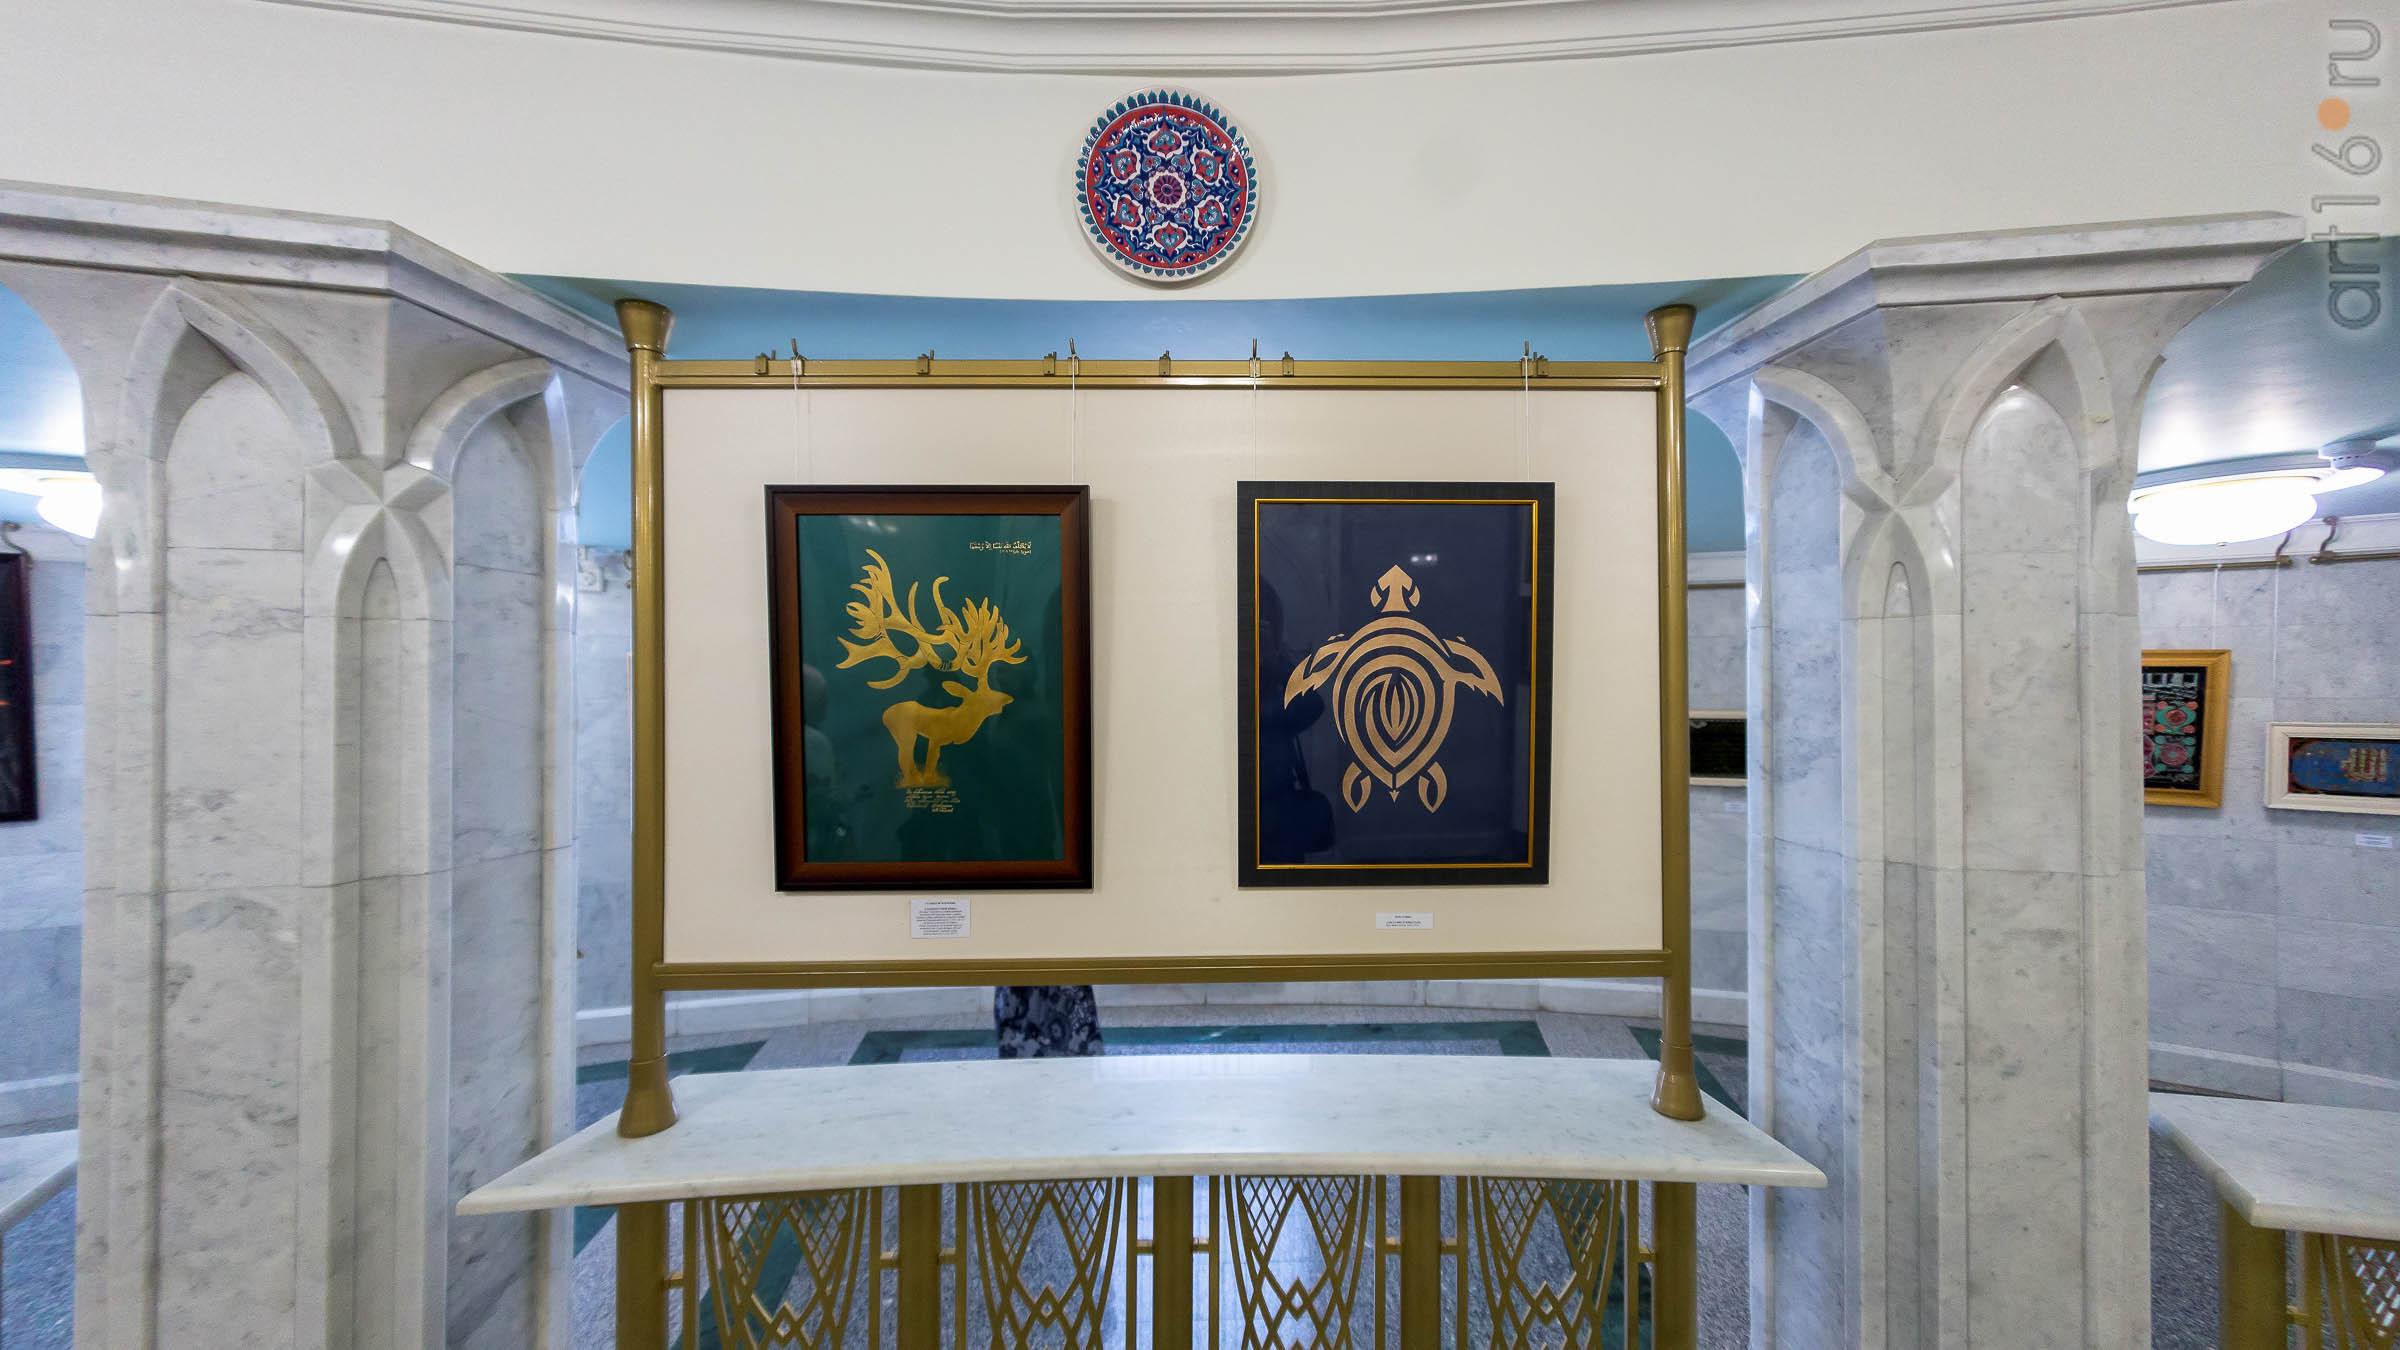 Олень, 2017, Г. Исмагилова/Черепаха, 2018, Р.Хузина::Искусство шамаиля: традиции и новации